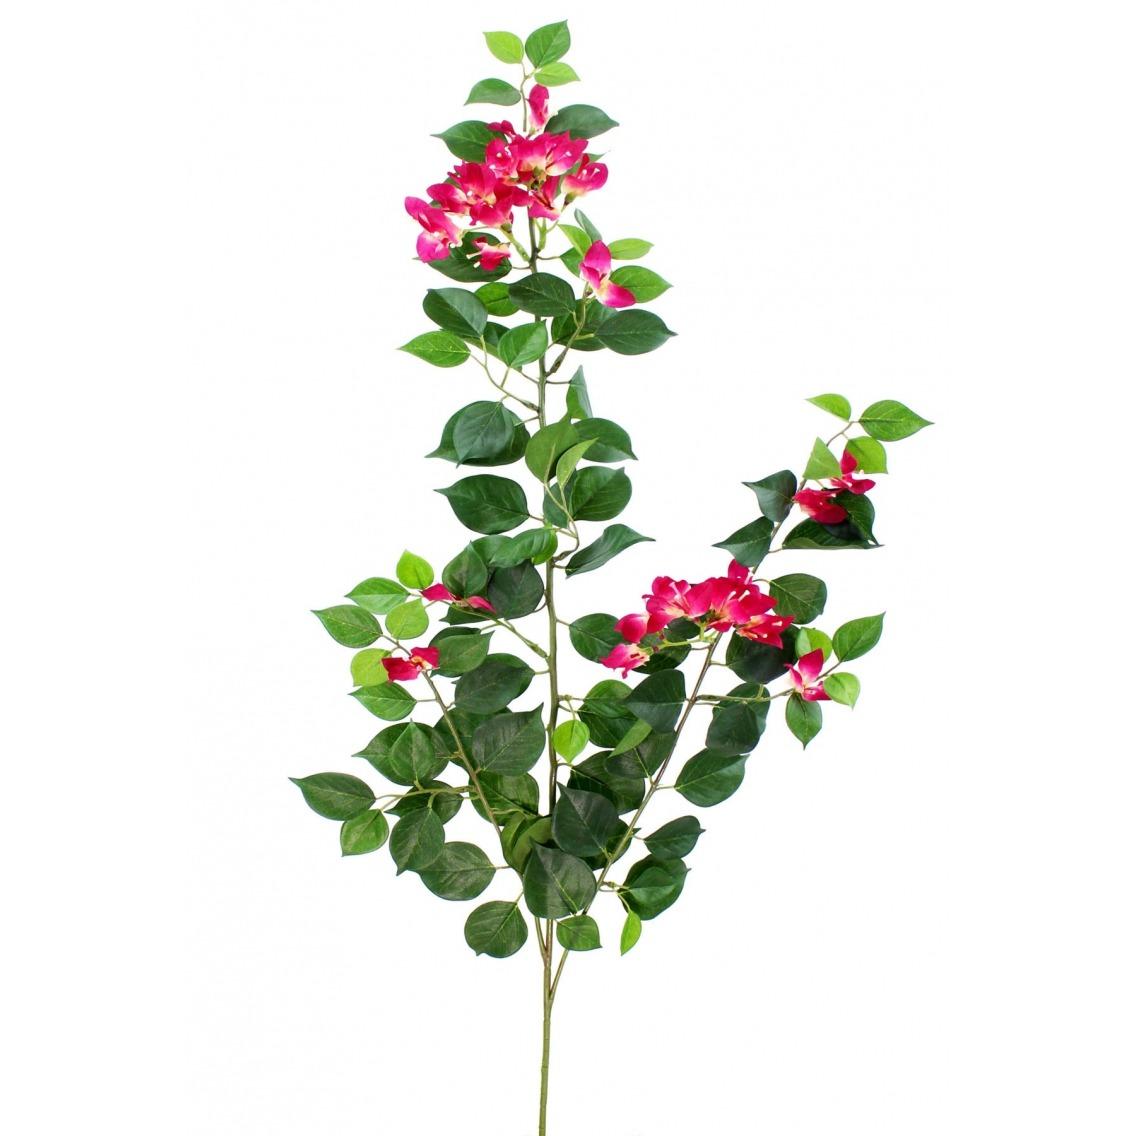 Tige de bougainvillée fleurie